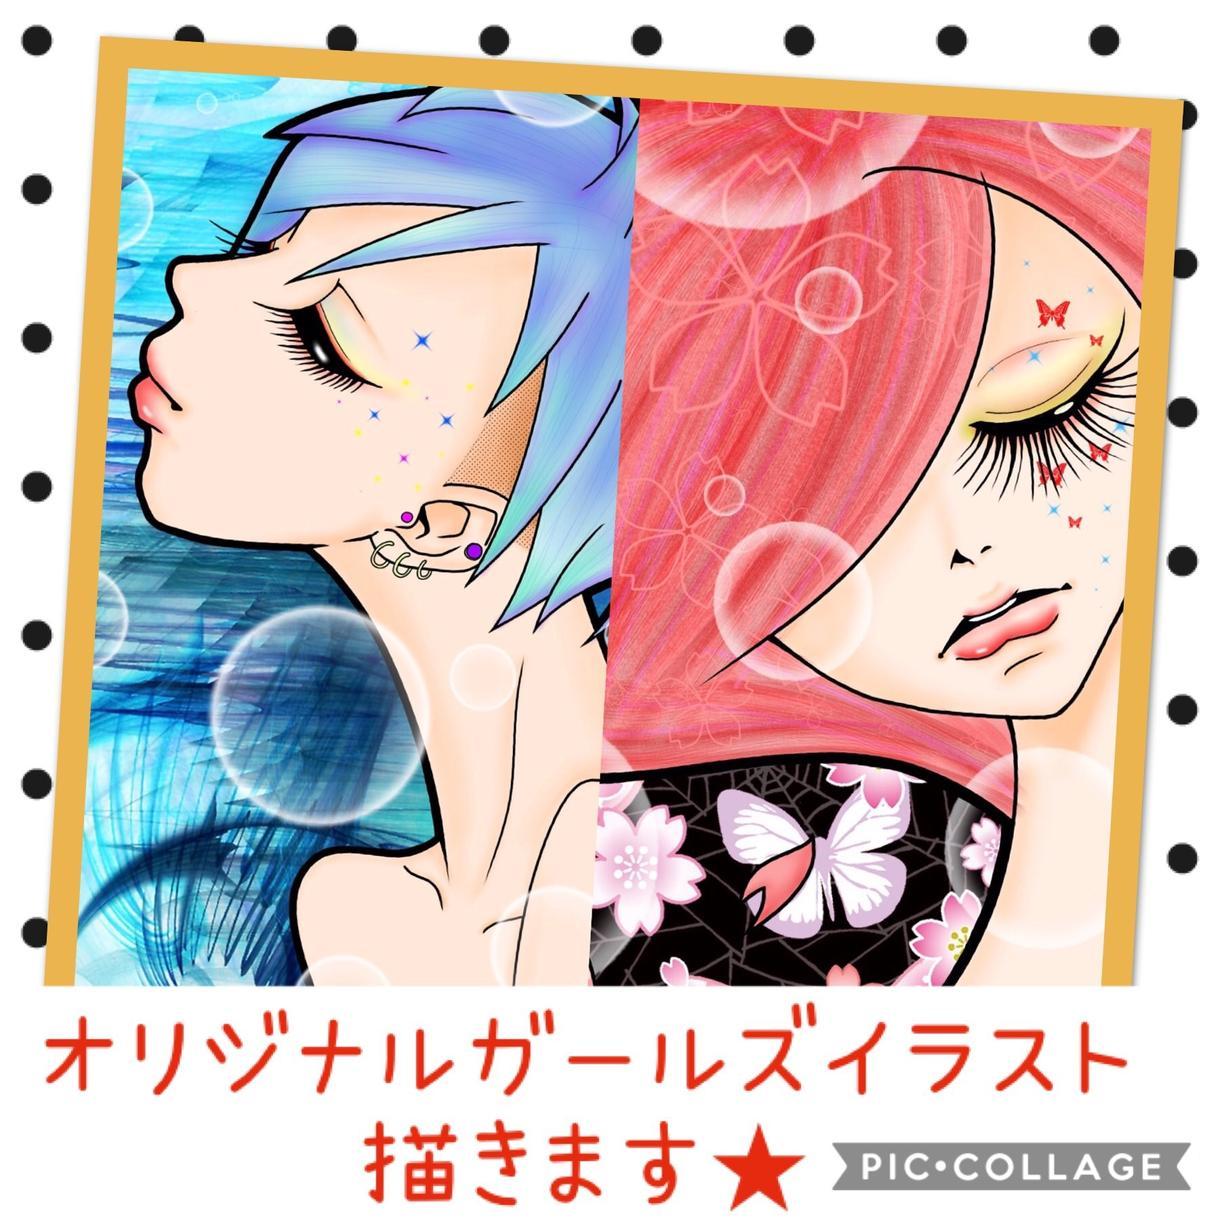 ご希望のガールズイラスト作成します ポップアートな女の子の絵がお好きな方へ!